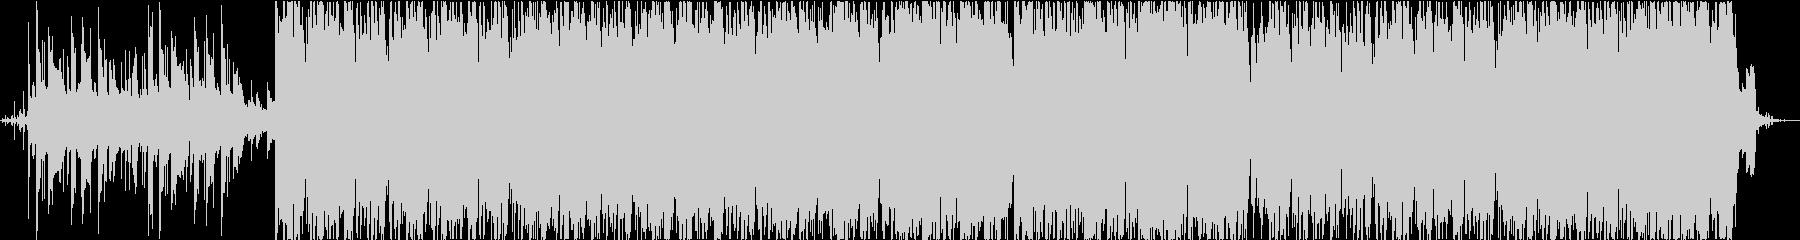 クラシックヒップホップ、背景の未再生の波形